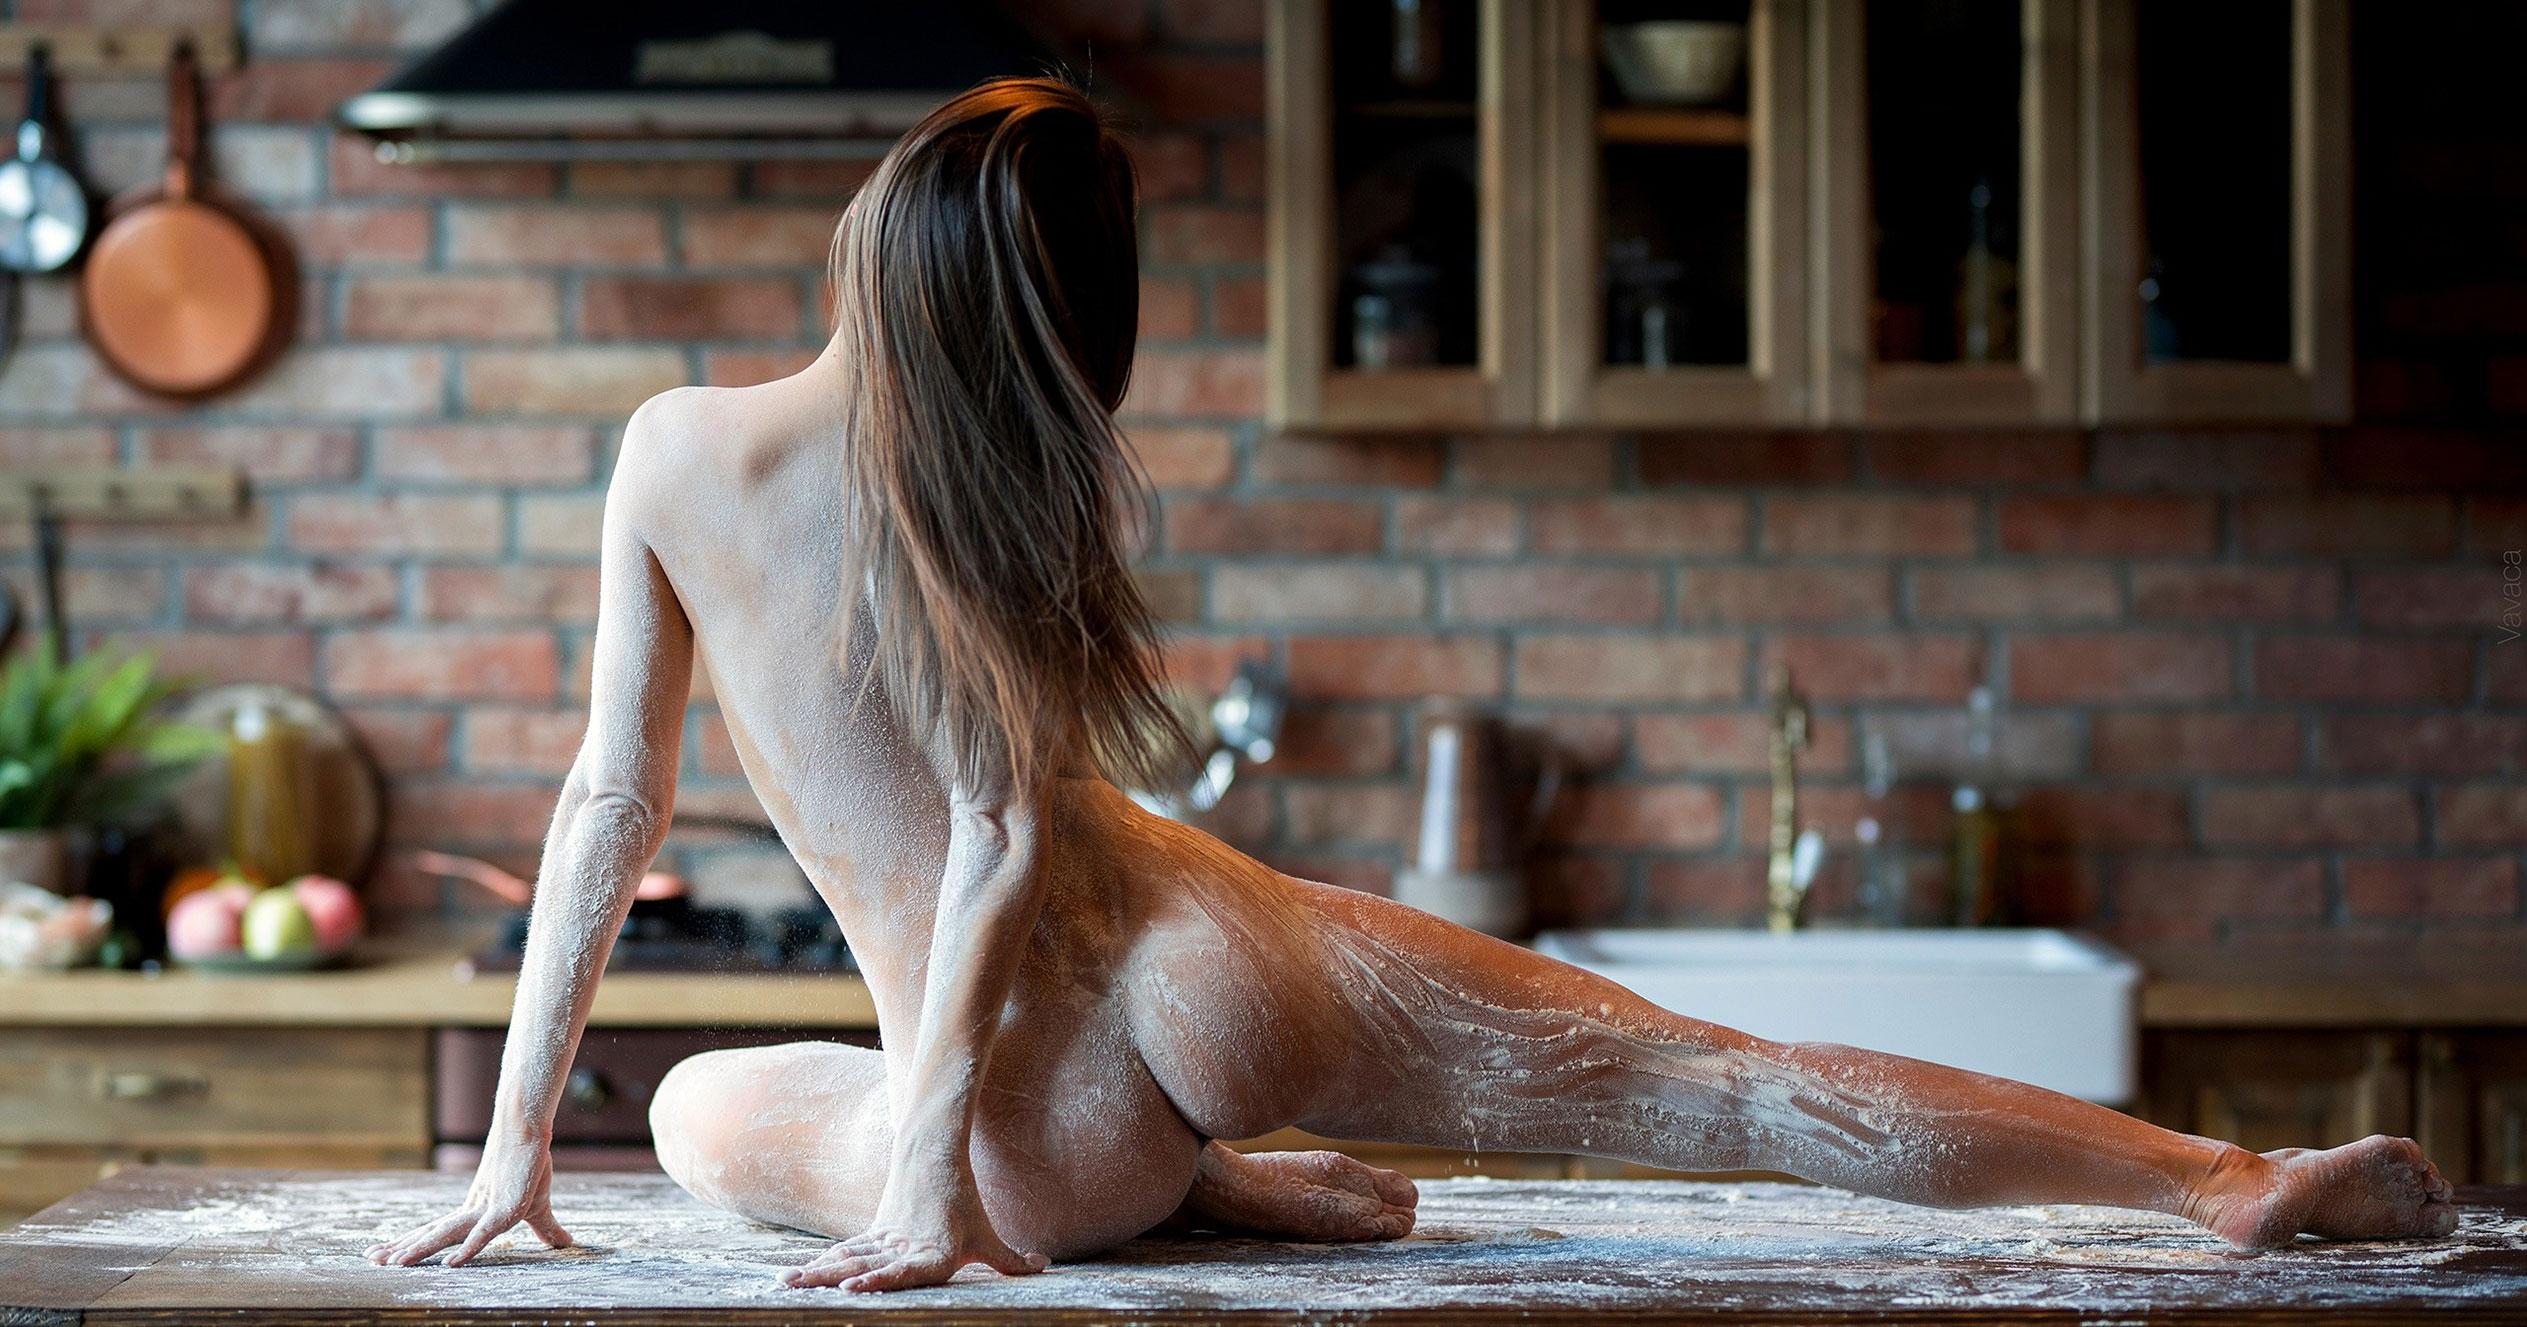 Кухня мечты - голая Кристина Макарова готовит из муки и фруктов / фото 11